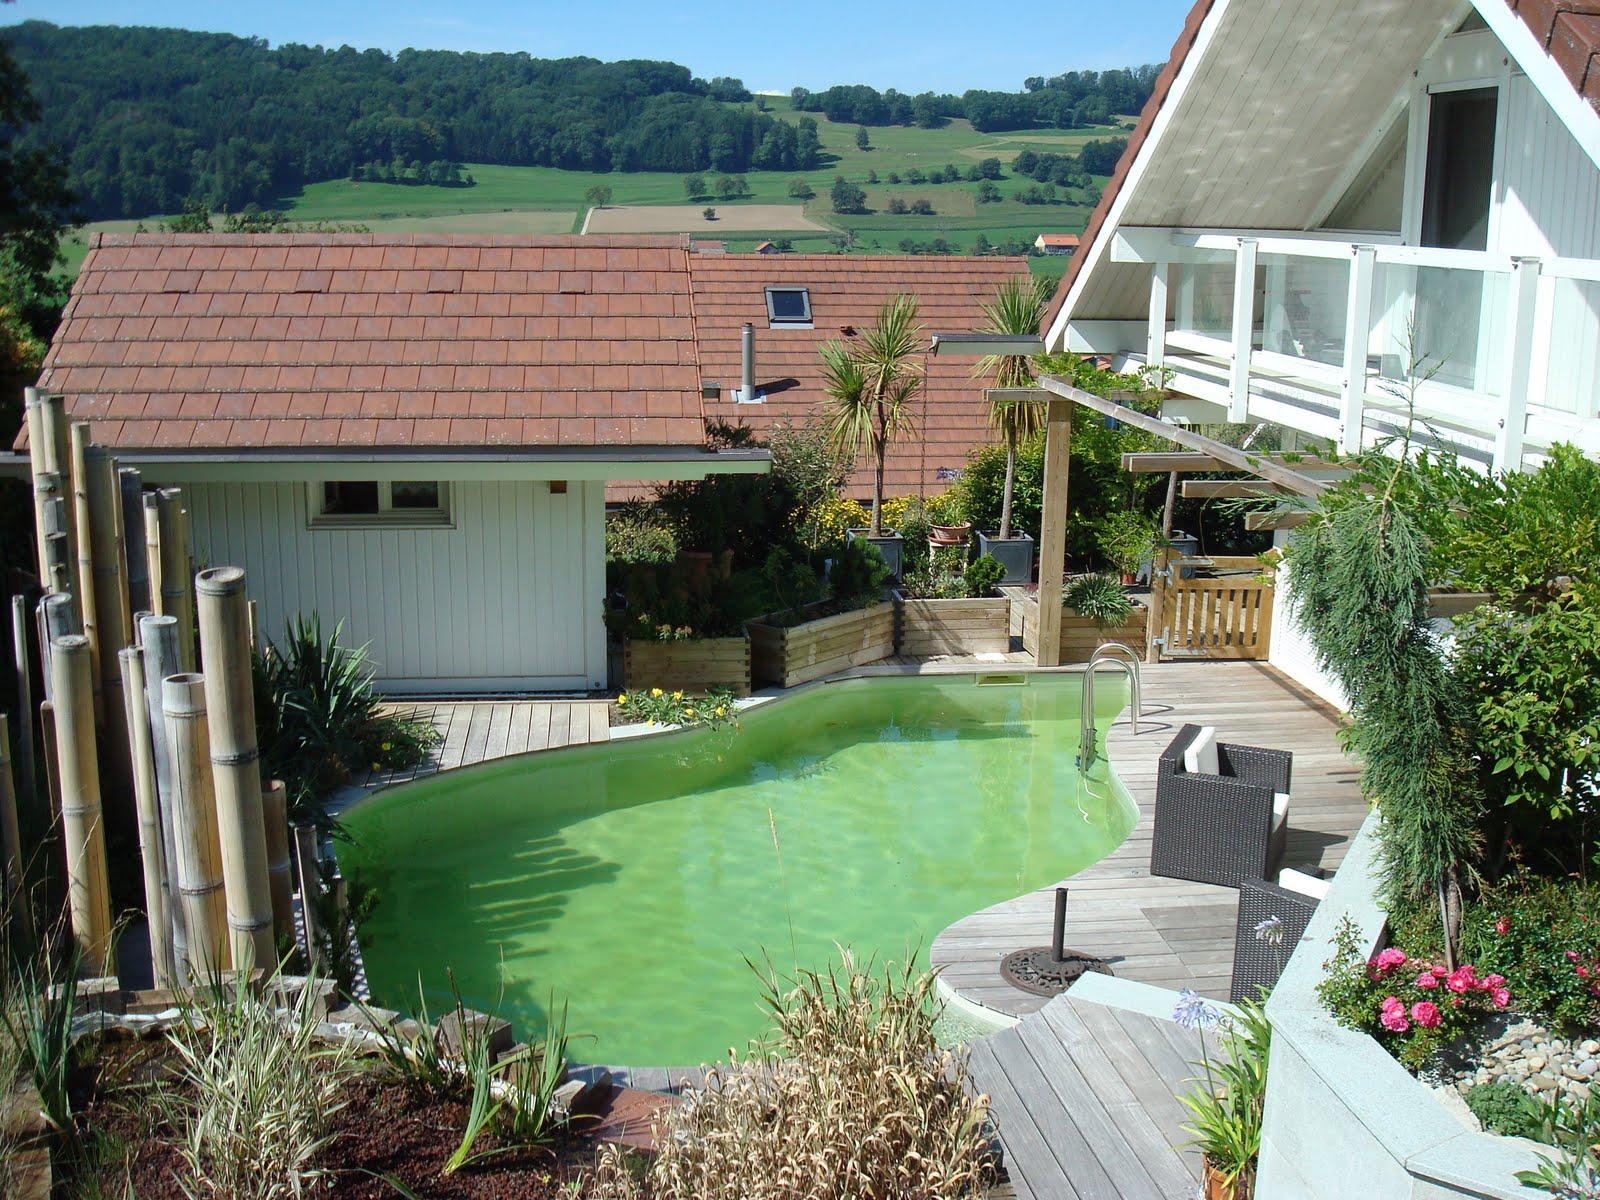 Paysagiste et am nagement de jardin thonon et annemasse for Prix amenagement jardin 100m2